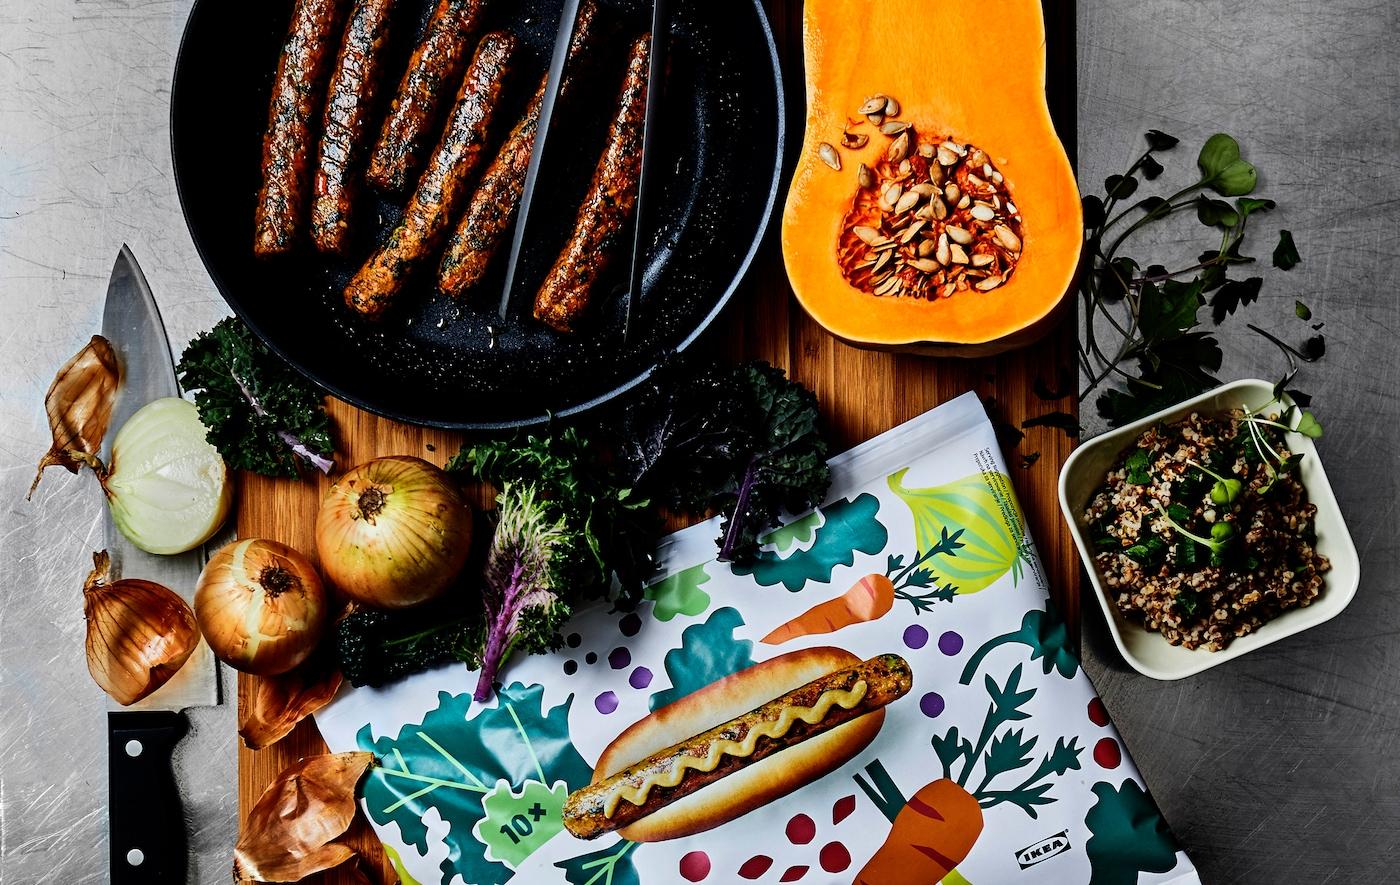 Pølser i ei stekepanne, grønnsaker og ei mønstret pølsepakke på ei trefjøl.